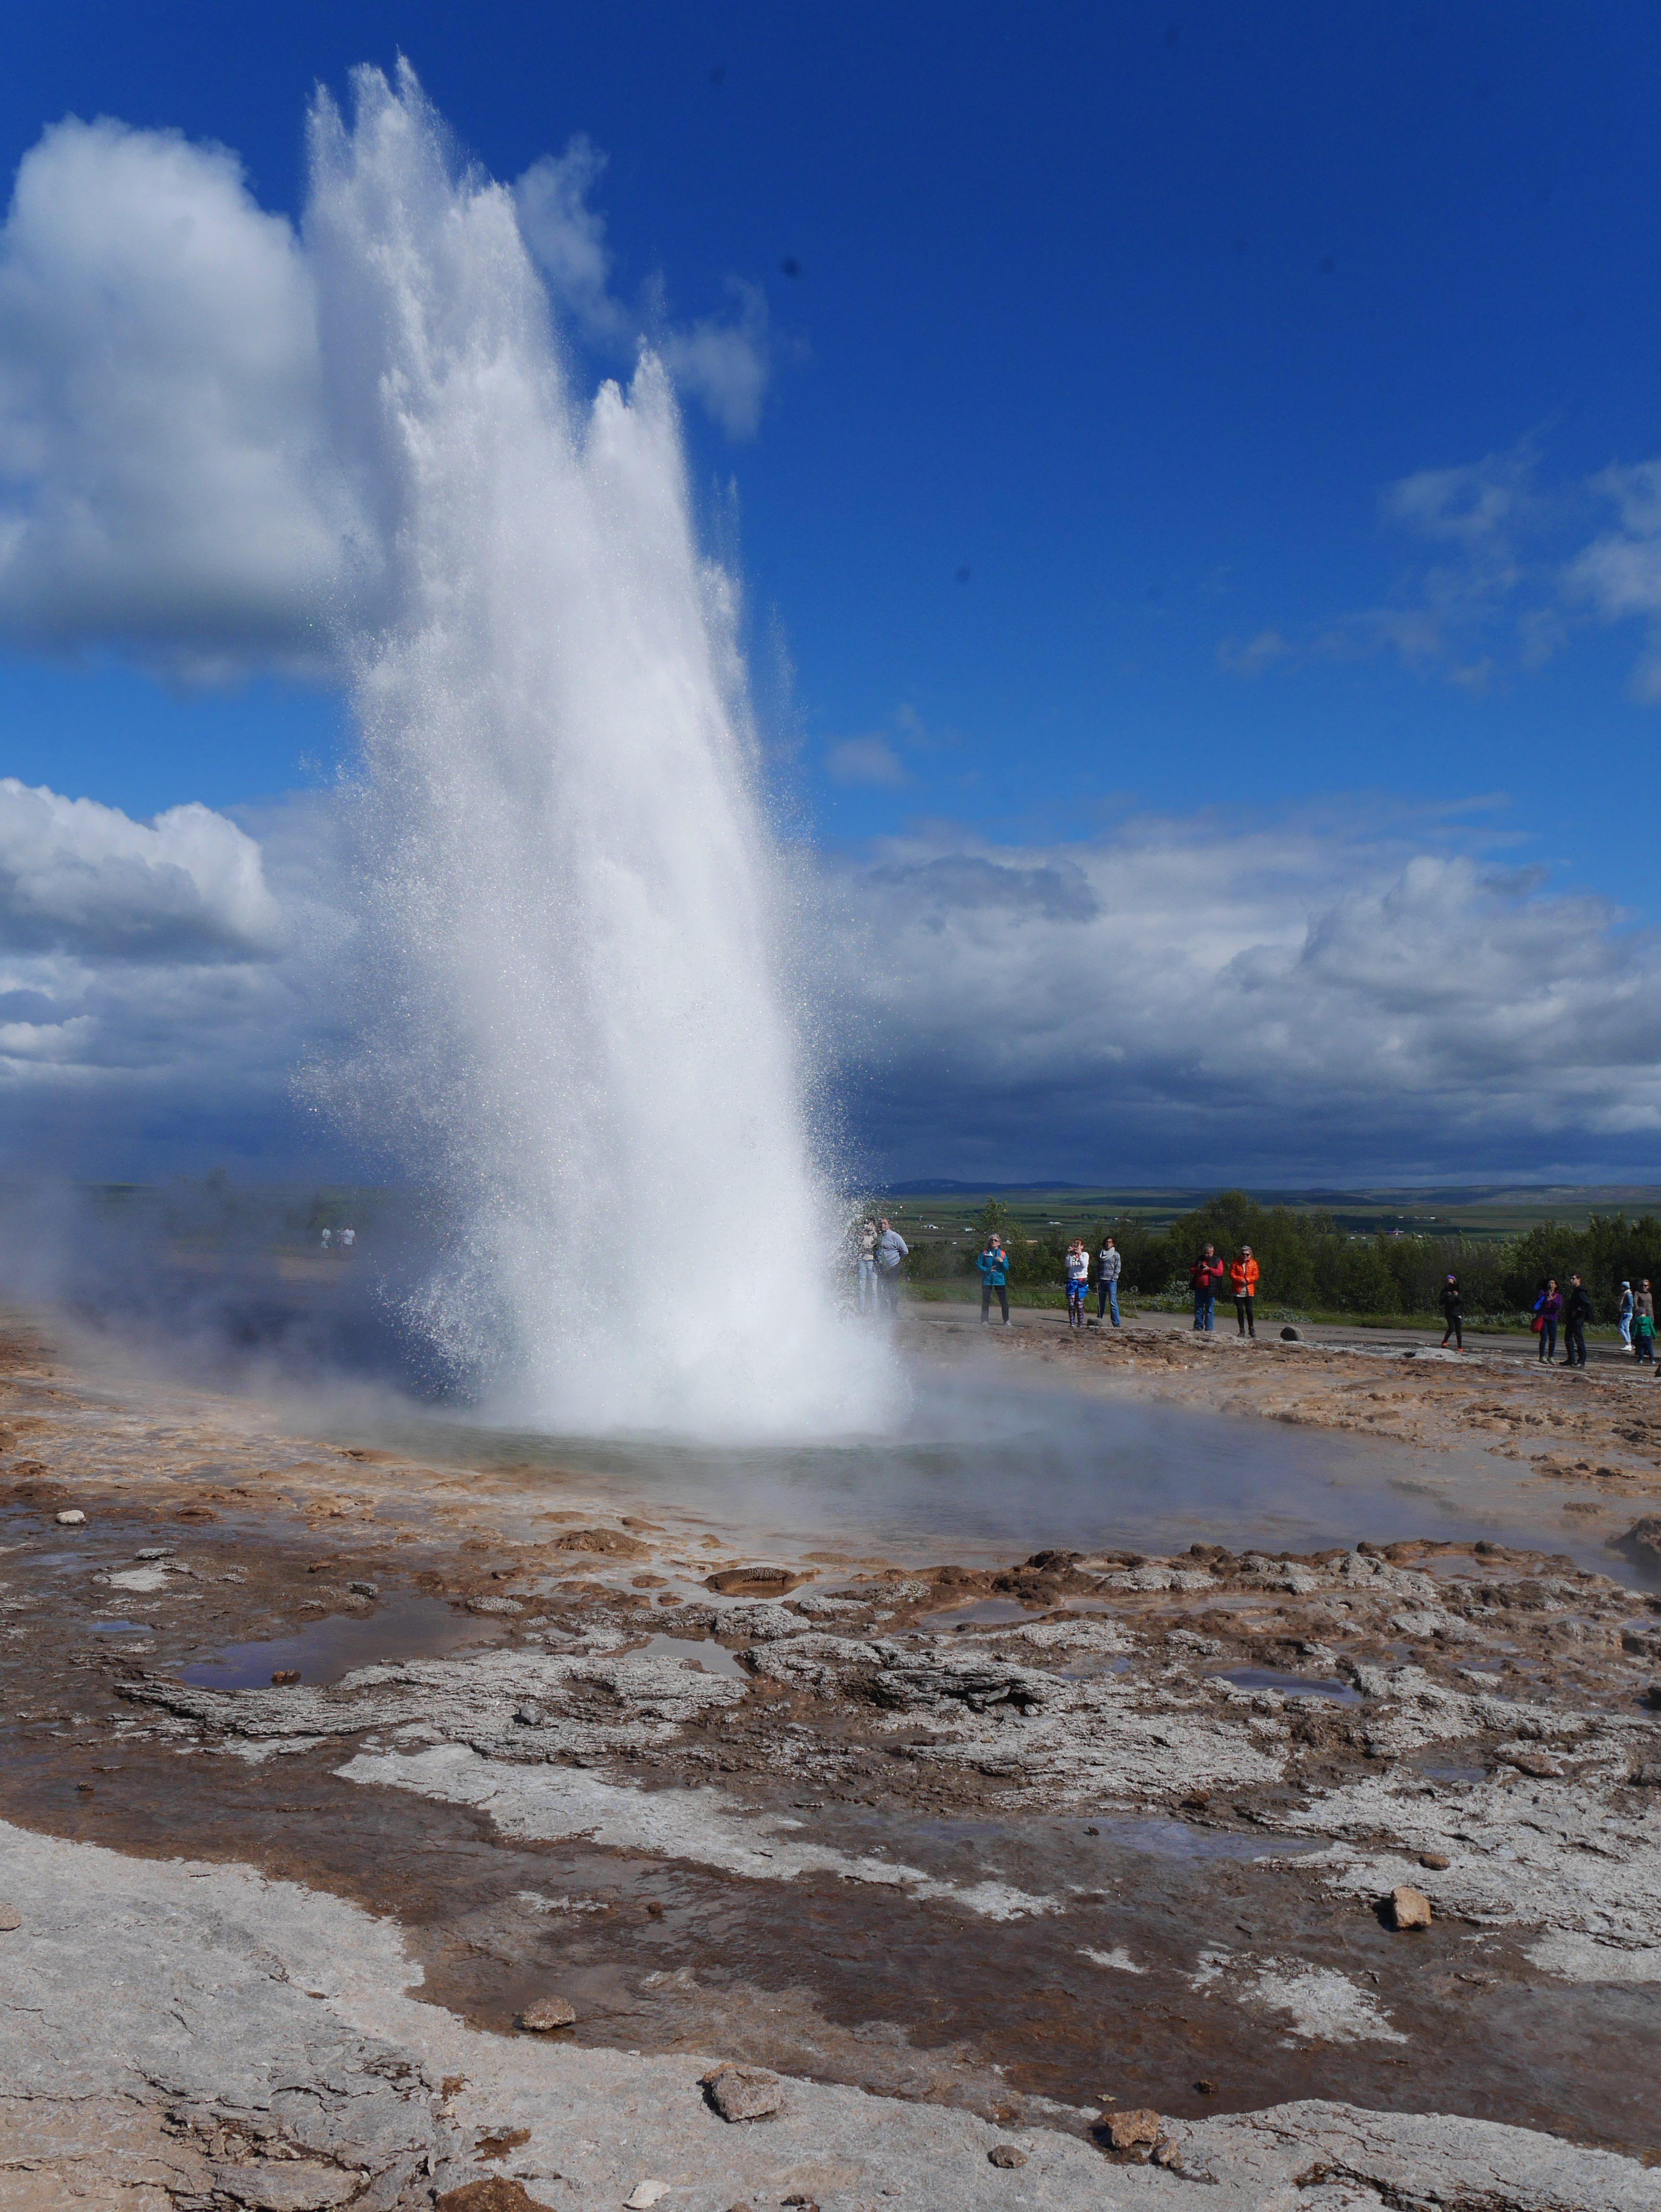 フィンランド・アイスランド紀行(12) アイスランドの大自然を堪能できる「Golden Circle」をめぐるツアーに参加してみた!(2)